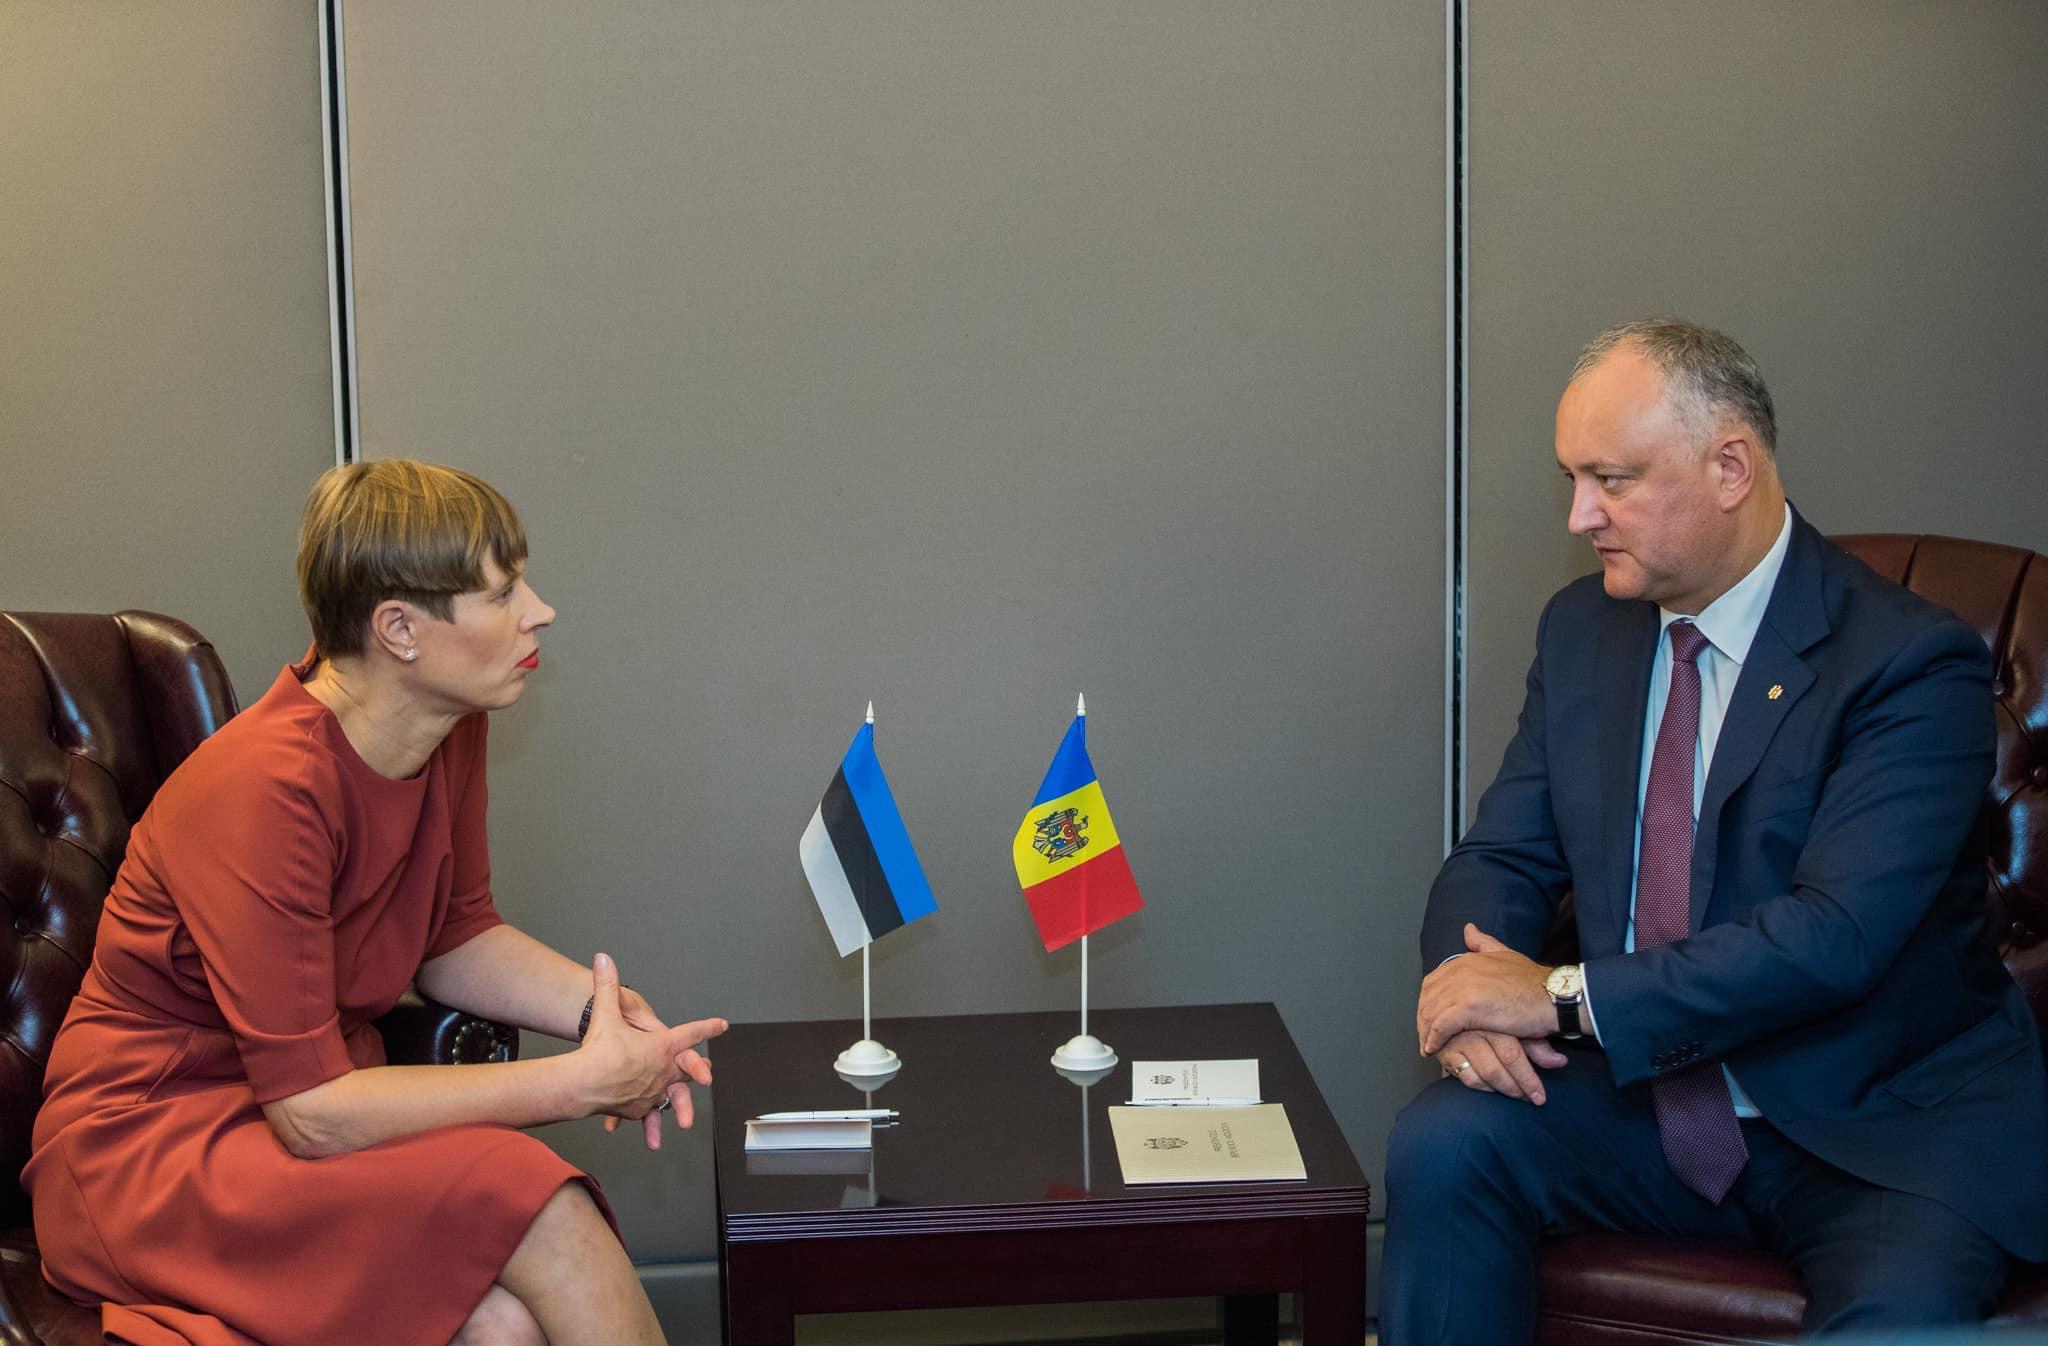 Игорь Додон провел встречу с президентом Эстонии (ФОТО, ВИДЕО)